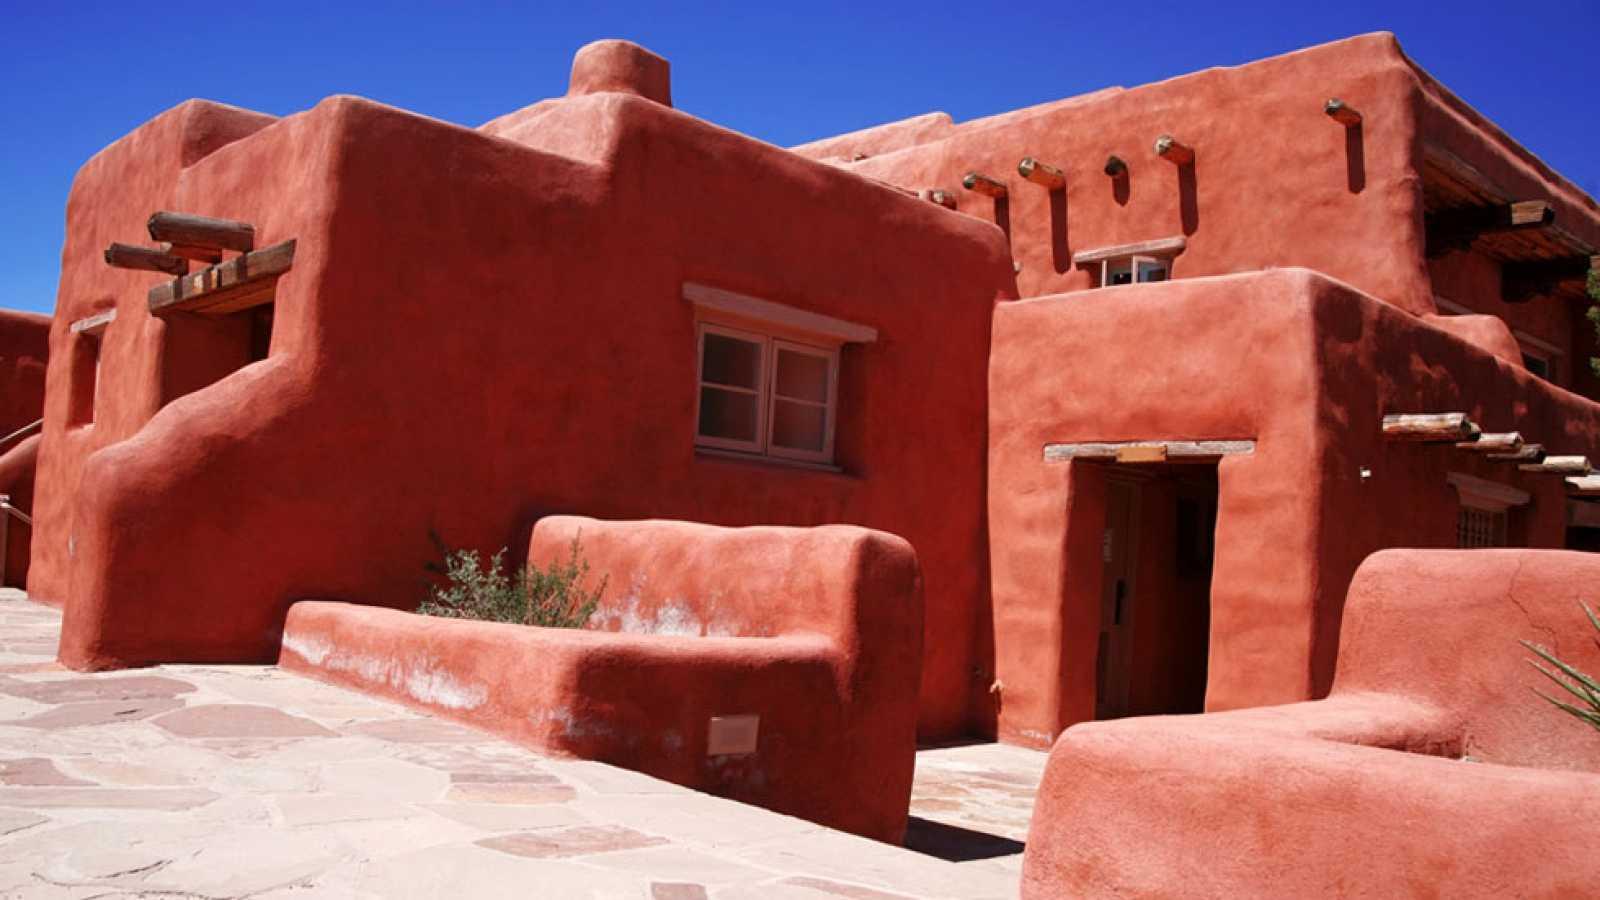 Las casas de adobe empiezan a construirse en espa a para for Casas modernas en madrid